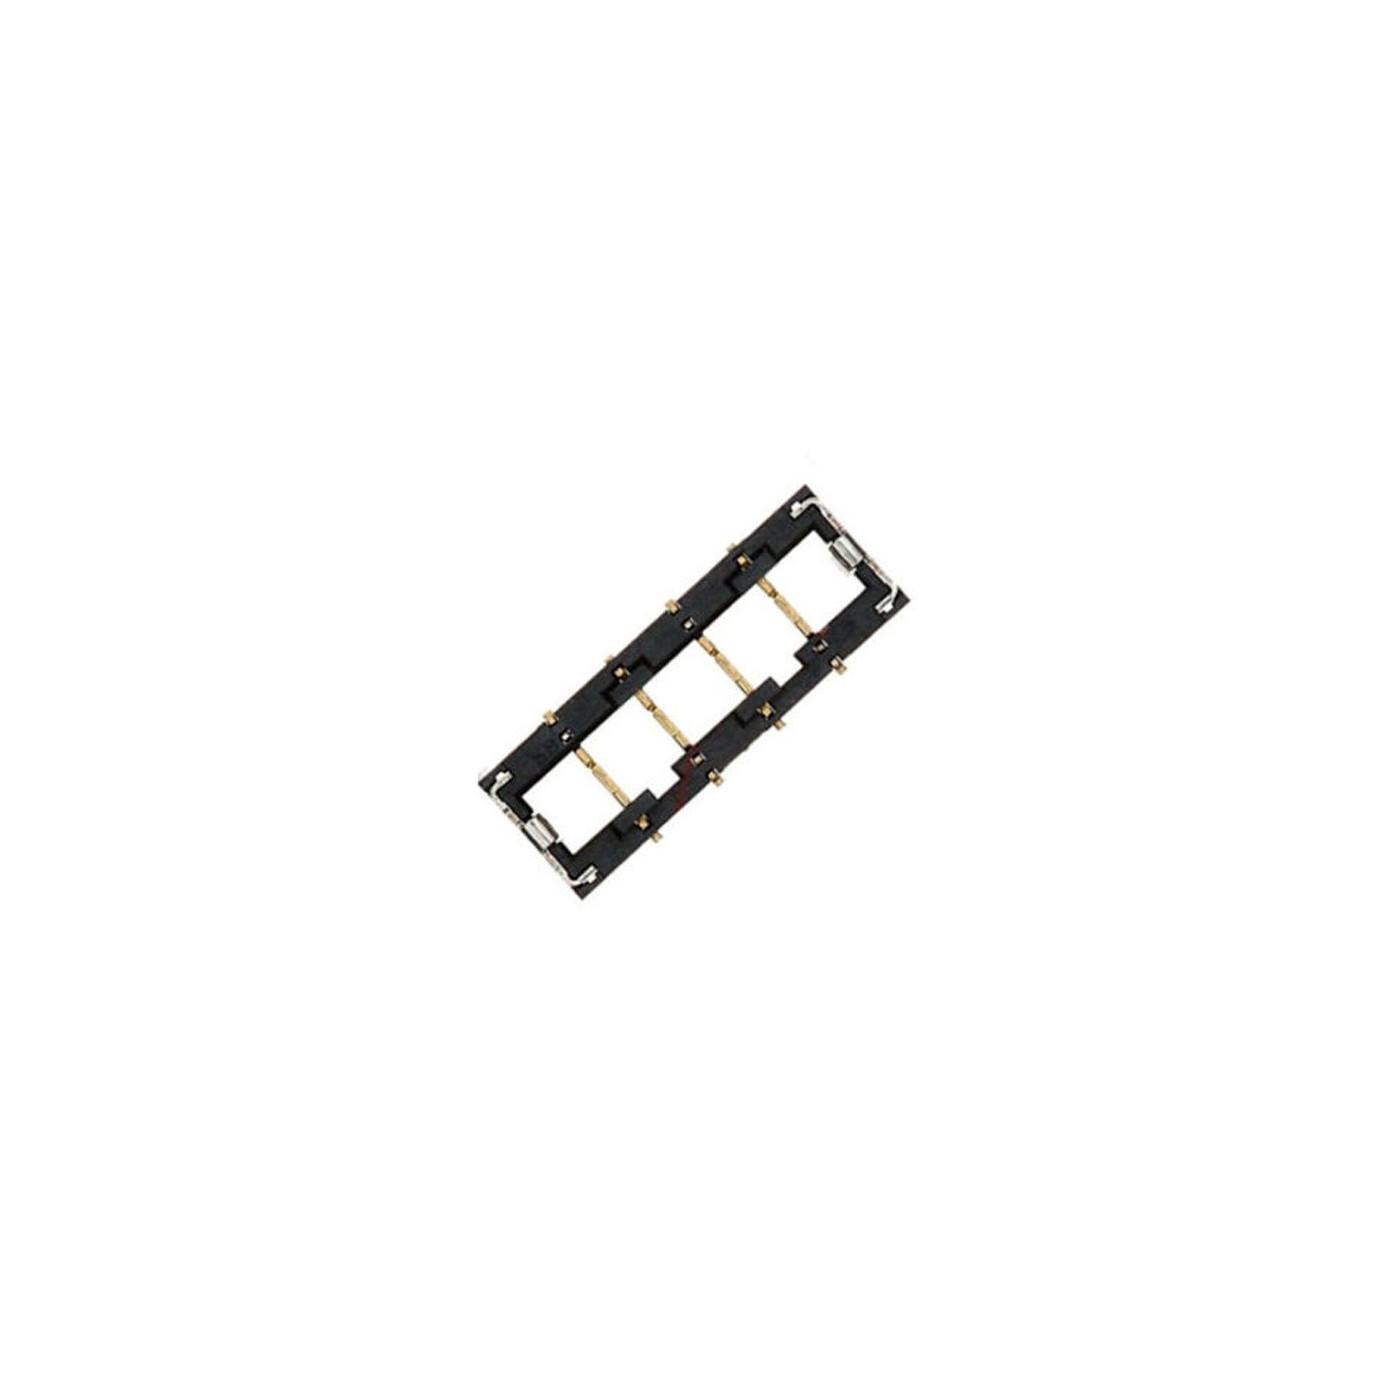 Batterieanschluss Iphone 5S - 5E geschweißte Batterieanschlusskontakte